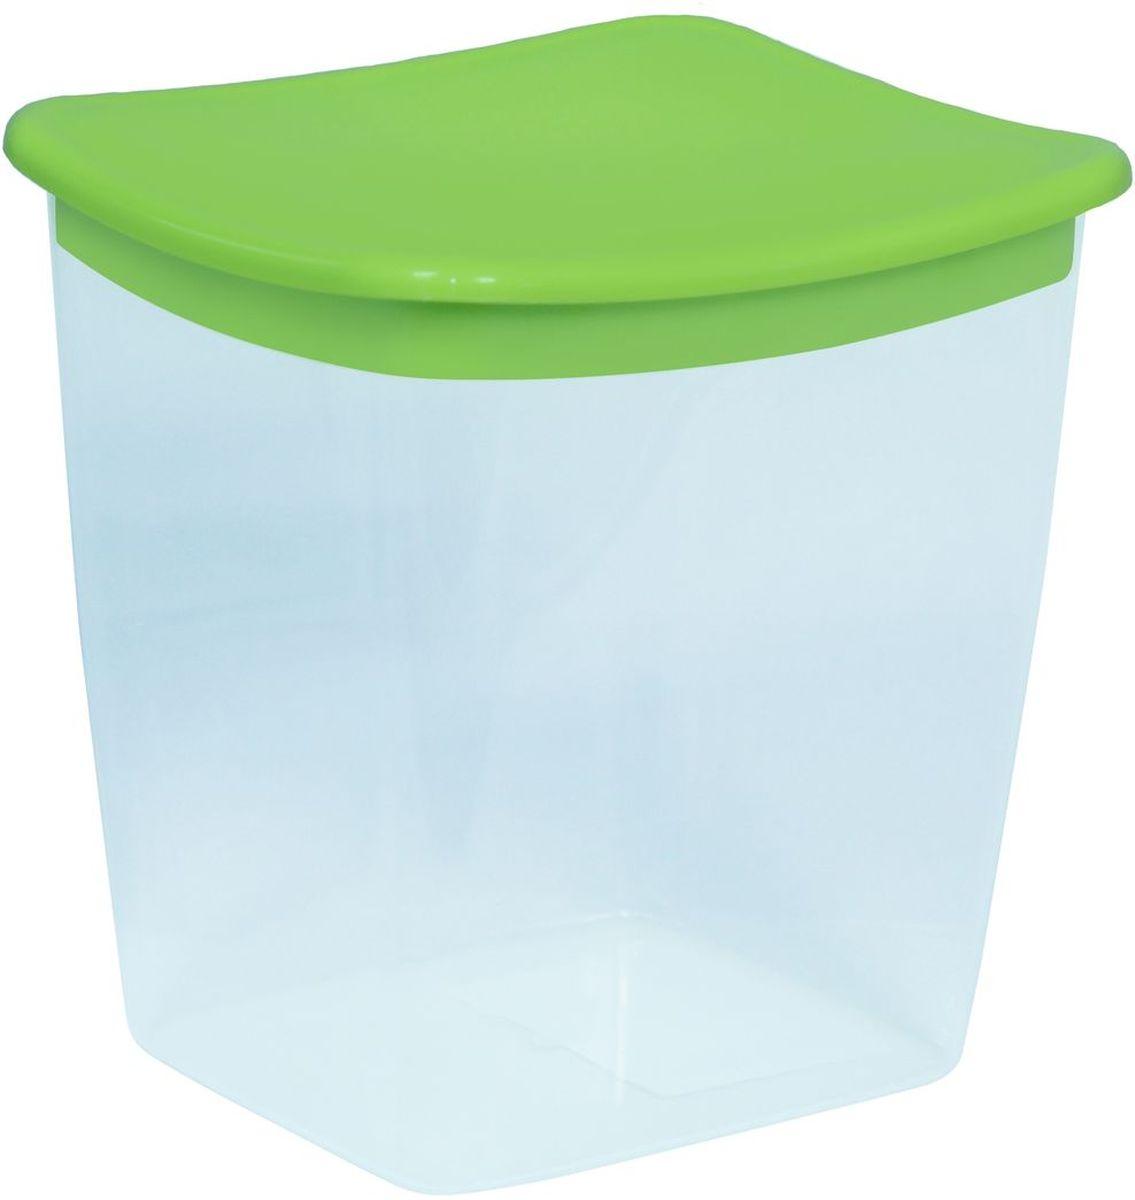 Емкость для сыпучих продуктов Idea, квадратная, цвет: салатовый, 1 л ковш idea деко розы 1 5 л